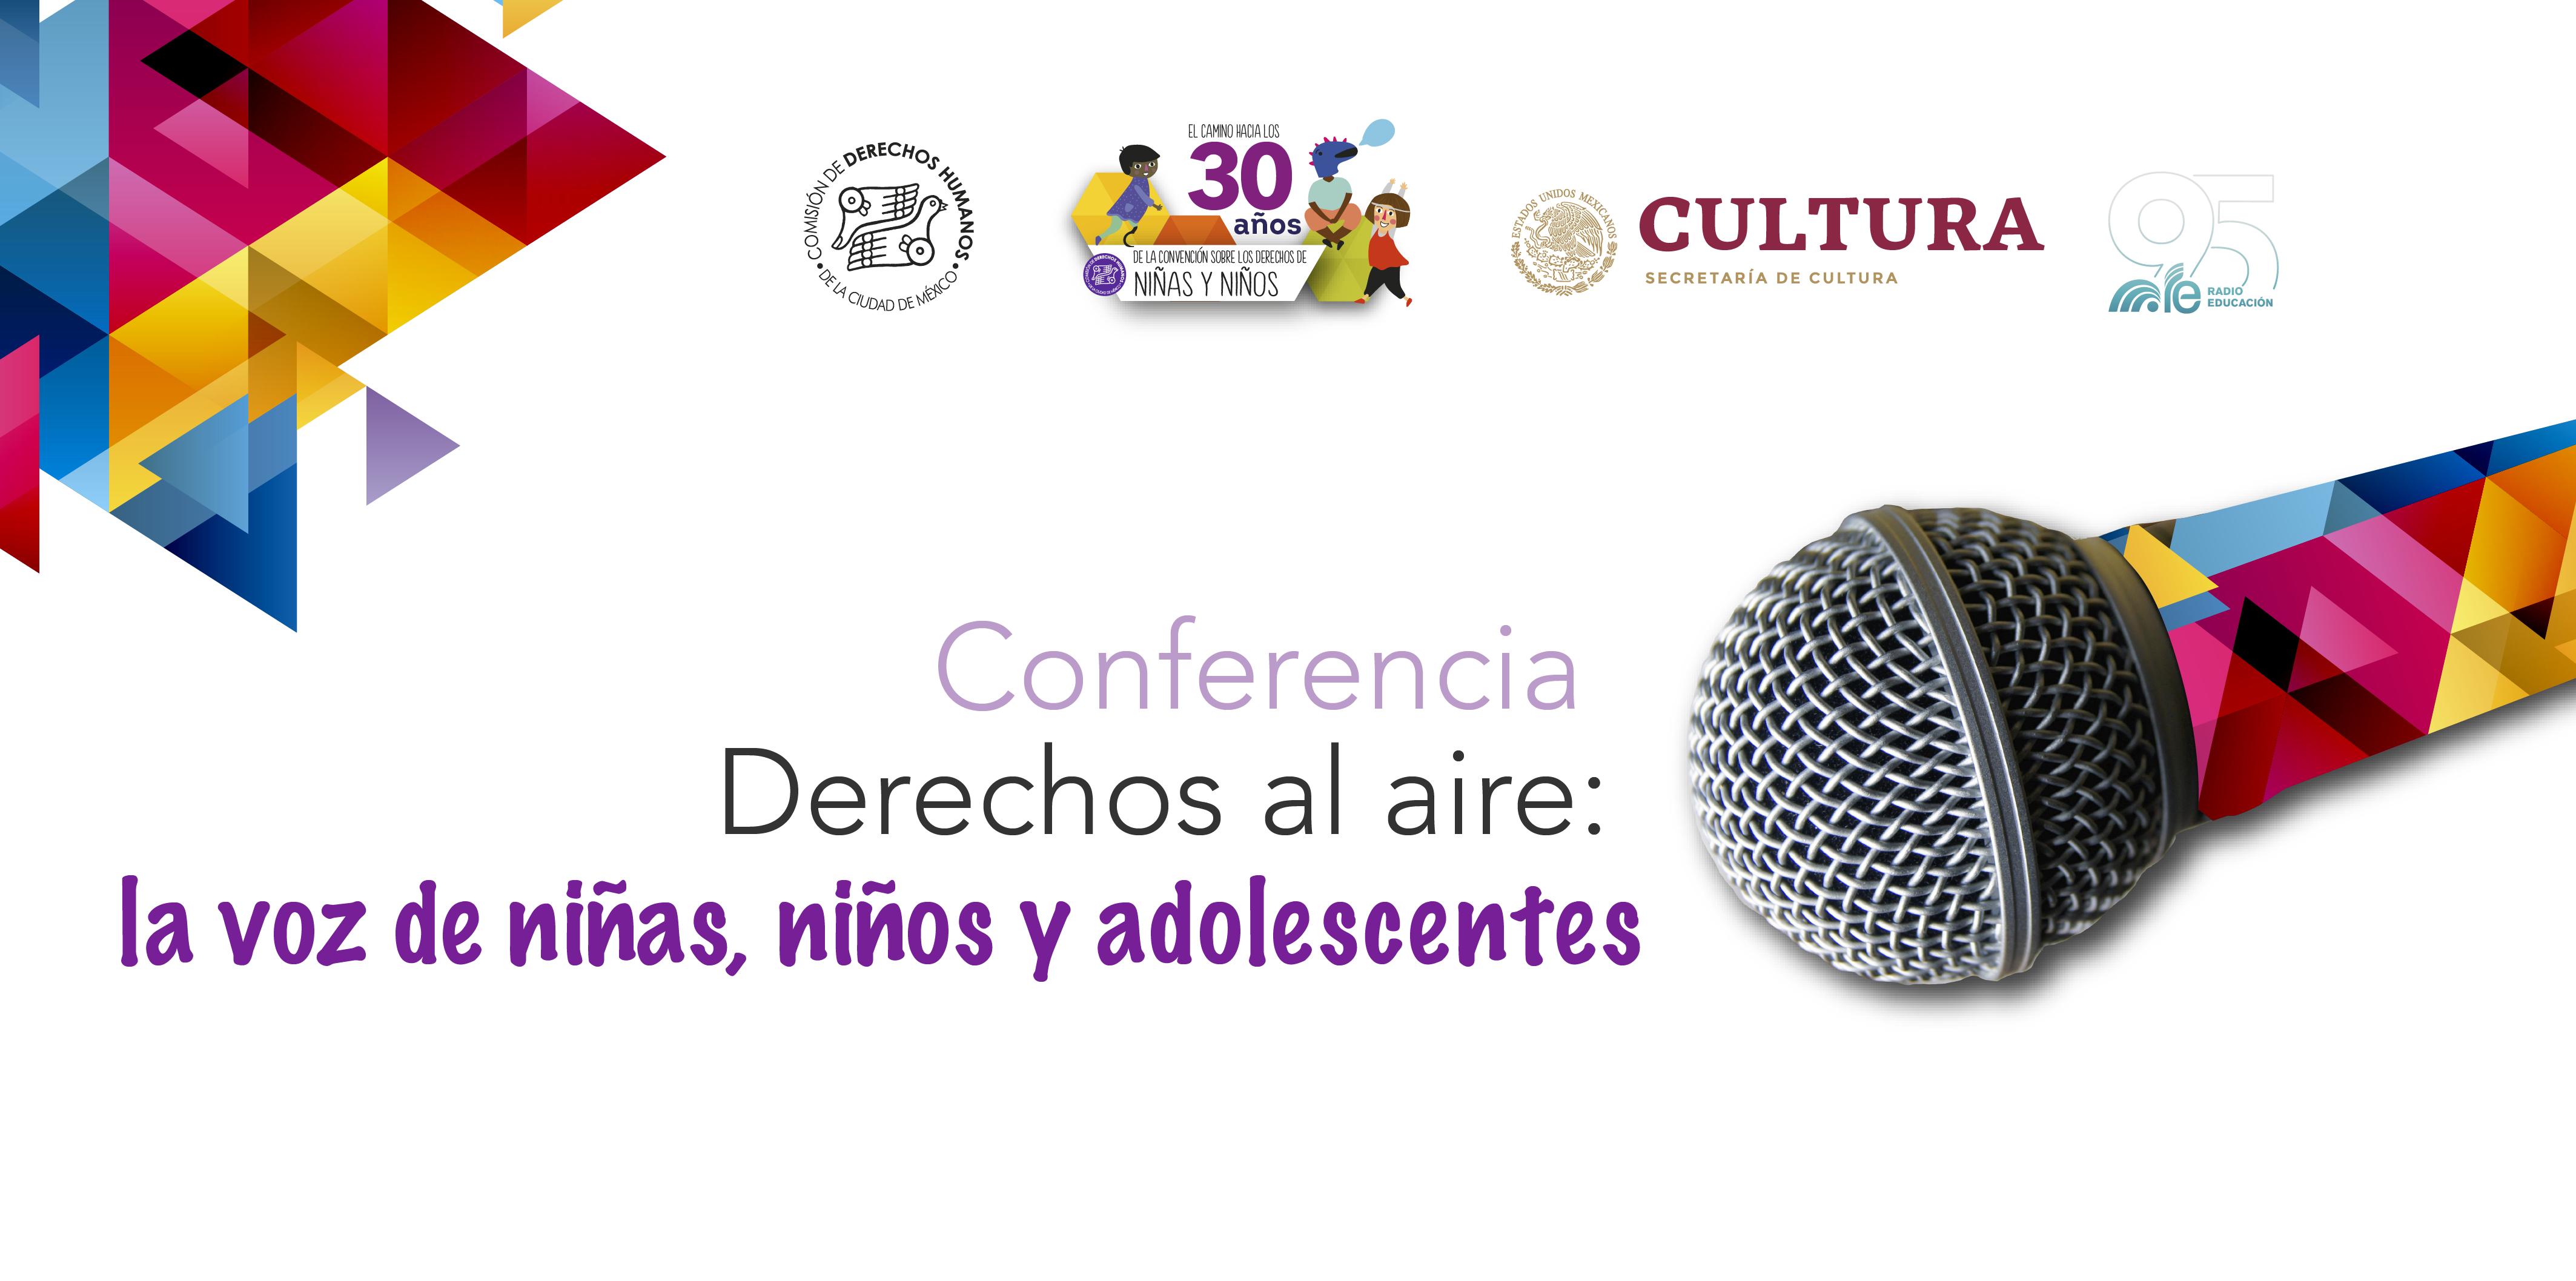 Conferencia de Prensa Convocatoria Derechos al aire: la voz de niñas, niños y adolescentes @ Av. Universidad 1449, colonia Pueblo Axotla, Alcaldía Álvaro Obregón